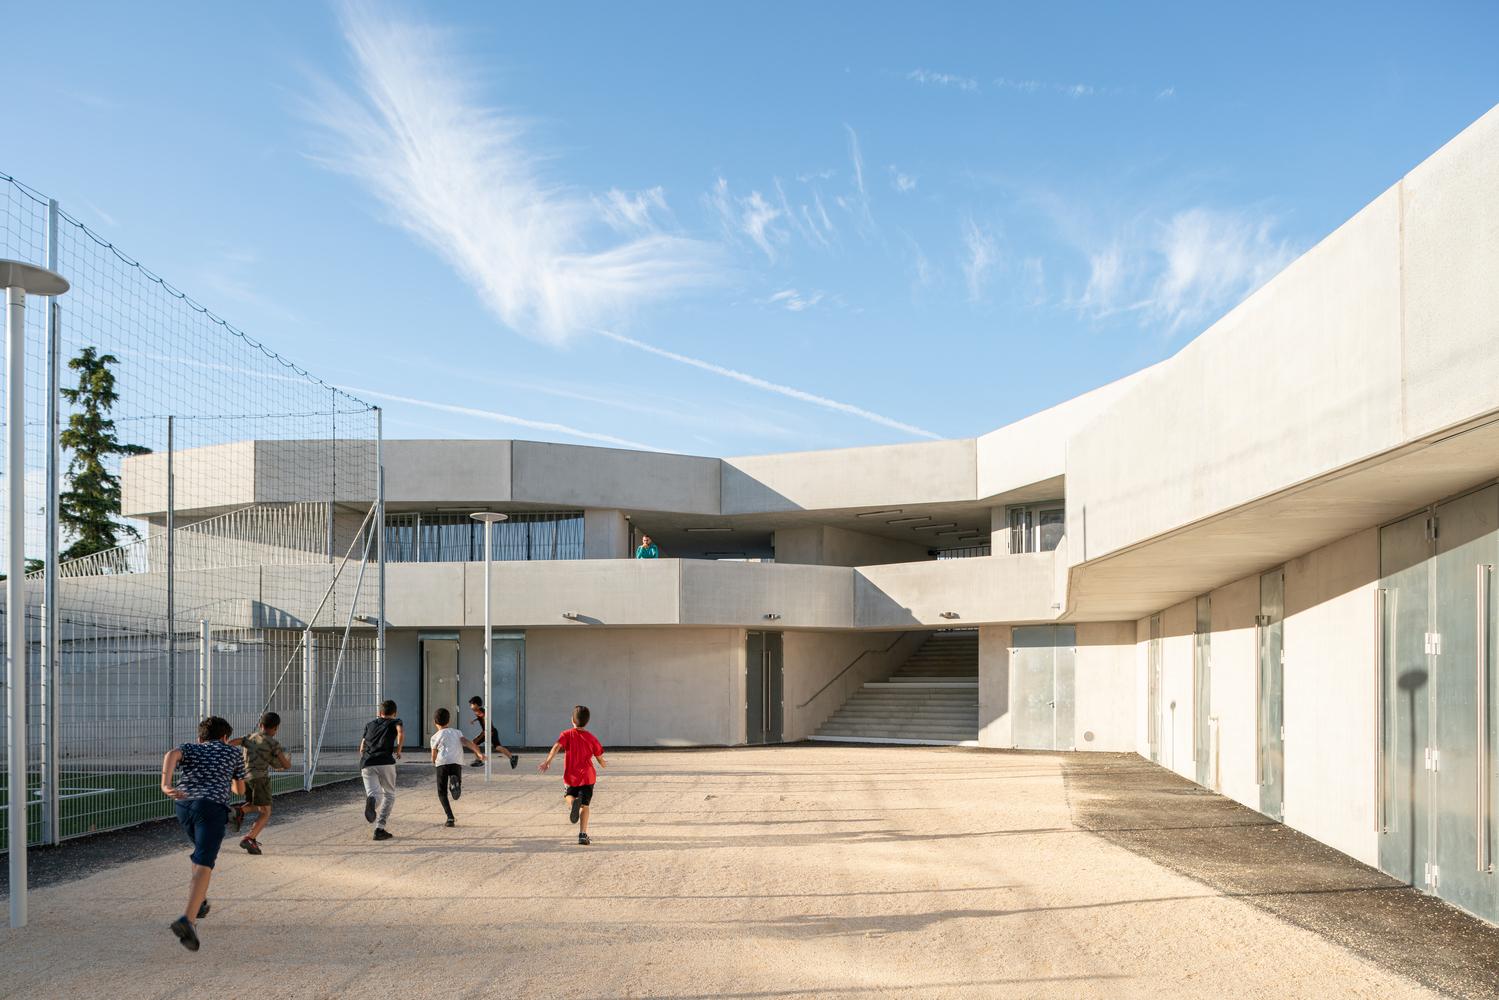 Malpasse Stadium / Guillaume Pepin architect + Fabrice Giraud architect